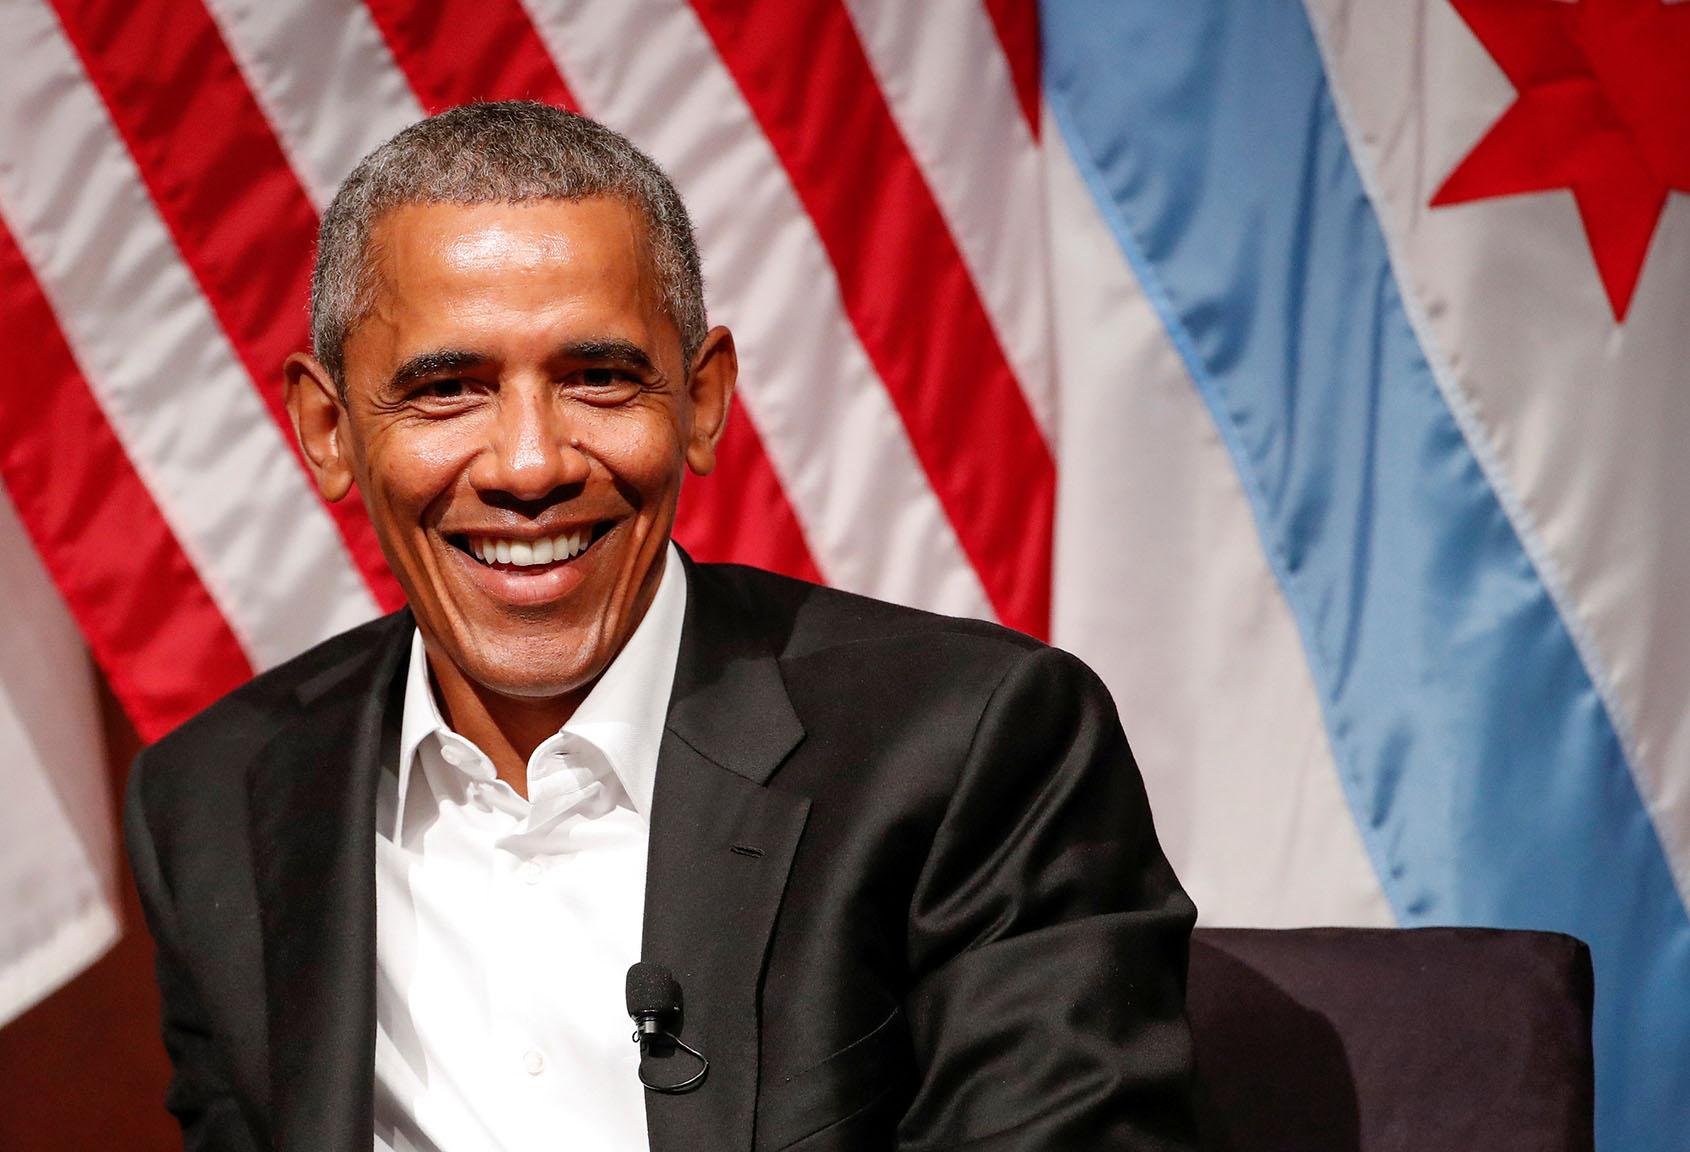 La Fundación John F. Kennedy añadió que Obama ofreció a jóvenes de todos los orígenes un ejemplo que pueden emular en sus propias vidas. FOTO REUTERS